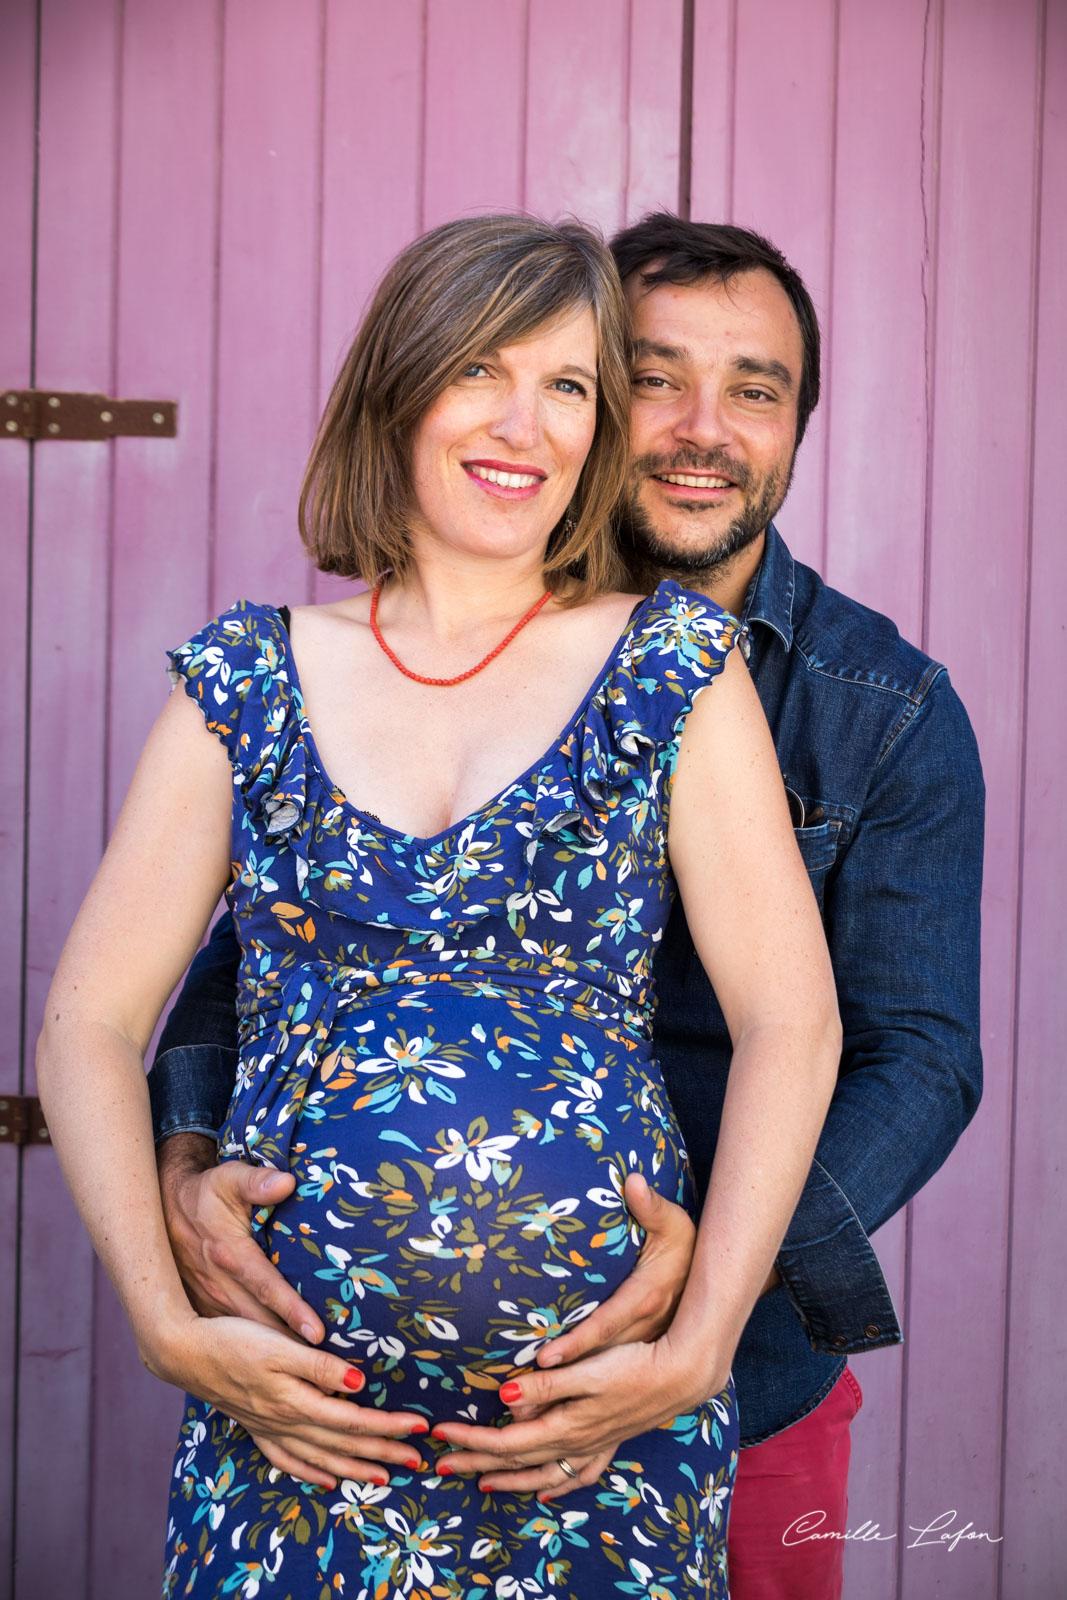 photographe montpellier famille naissance grossesse